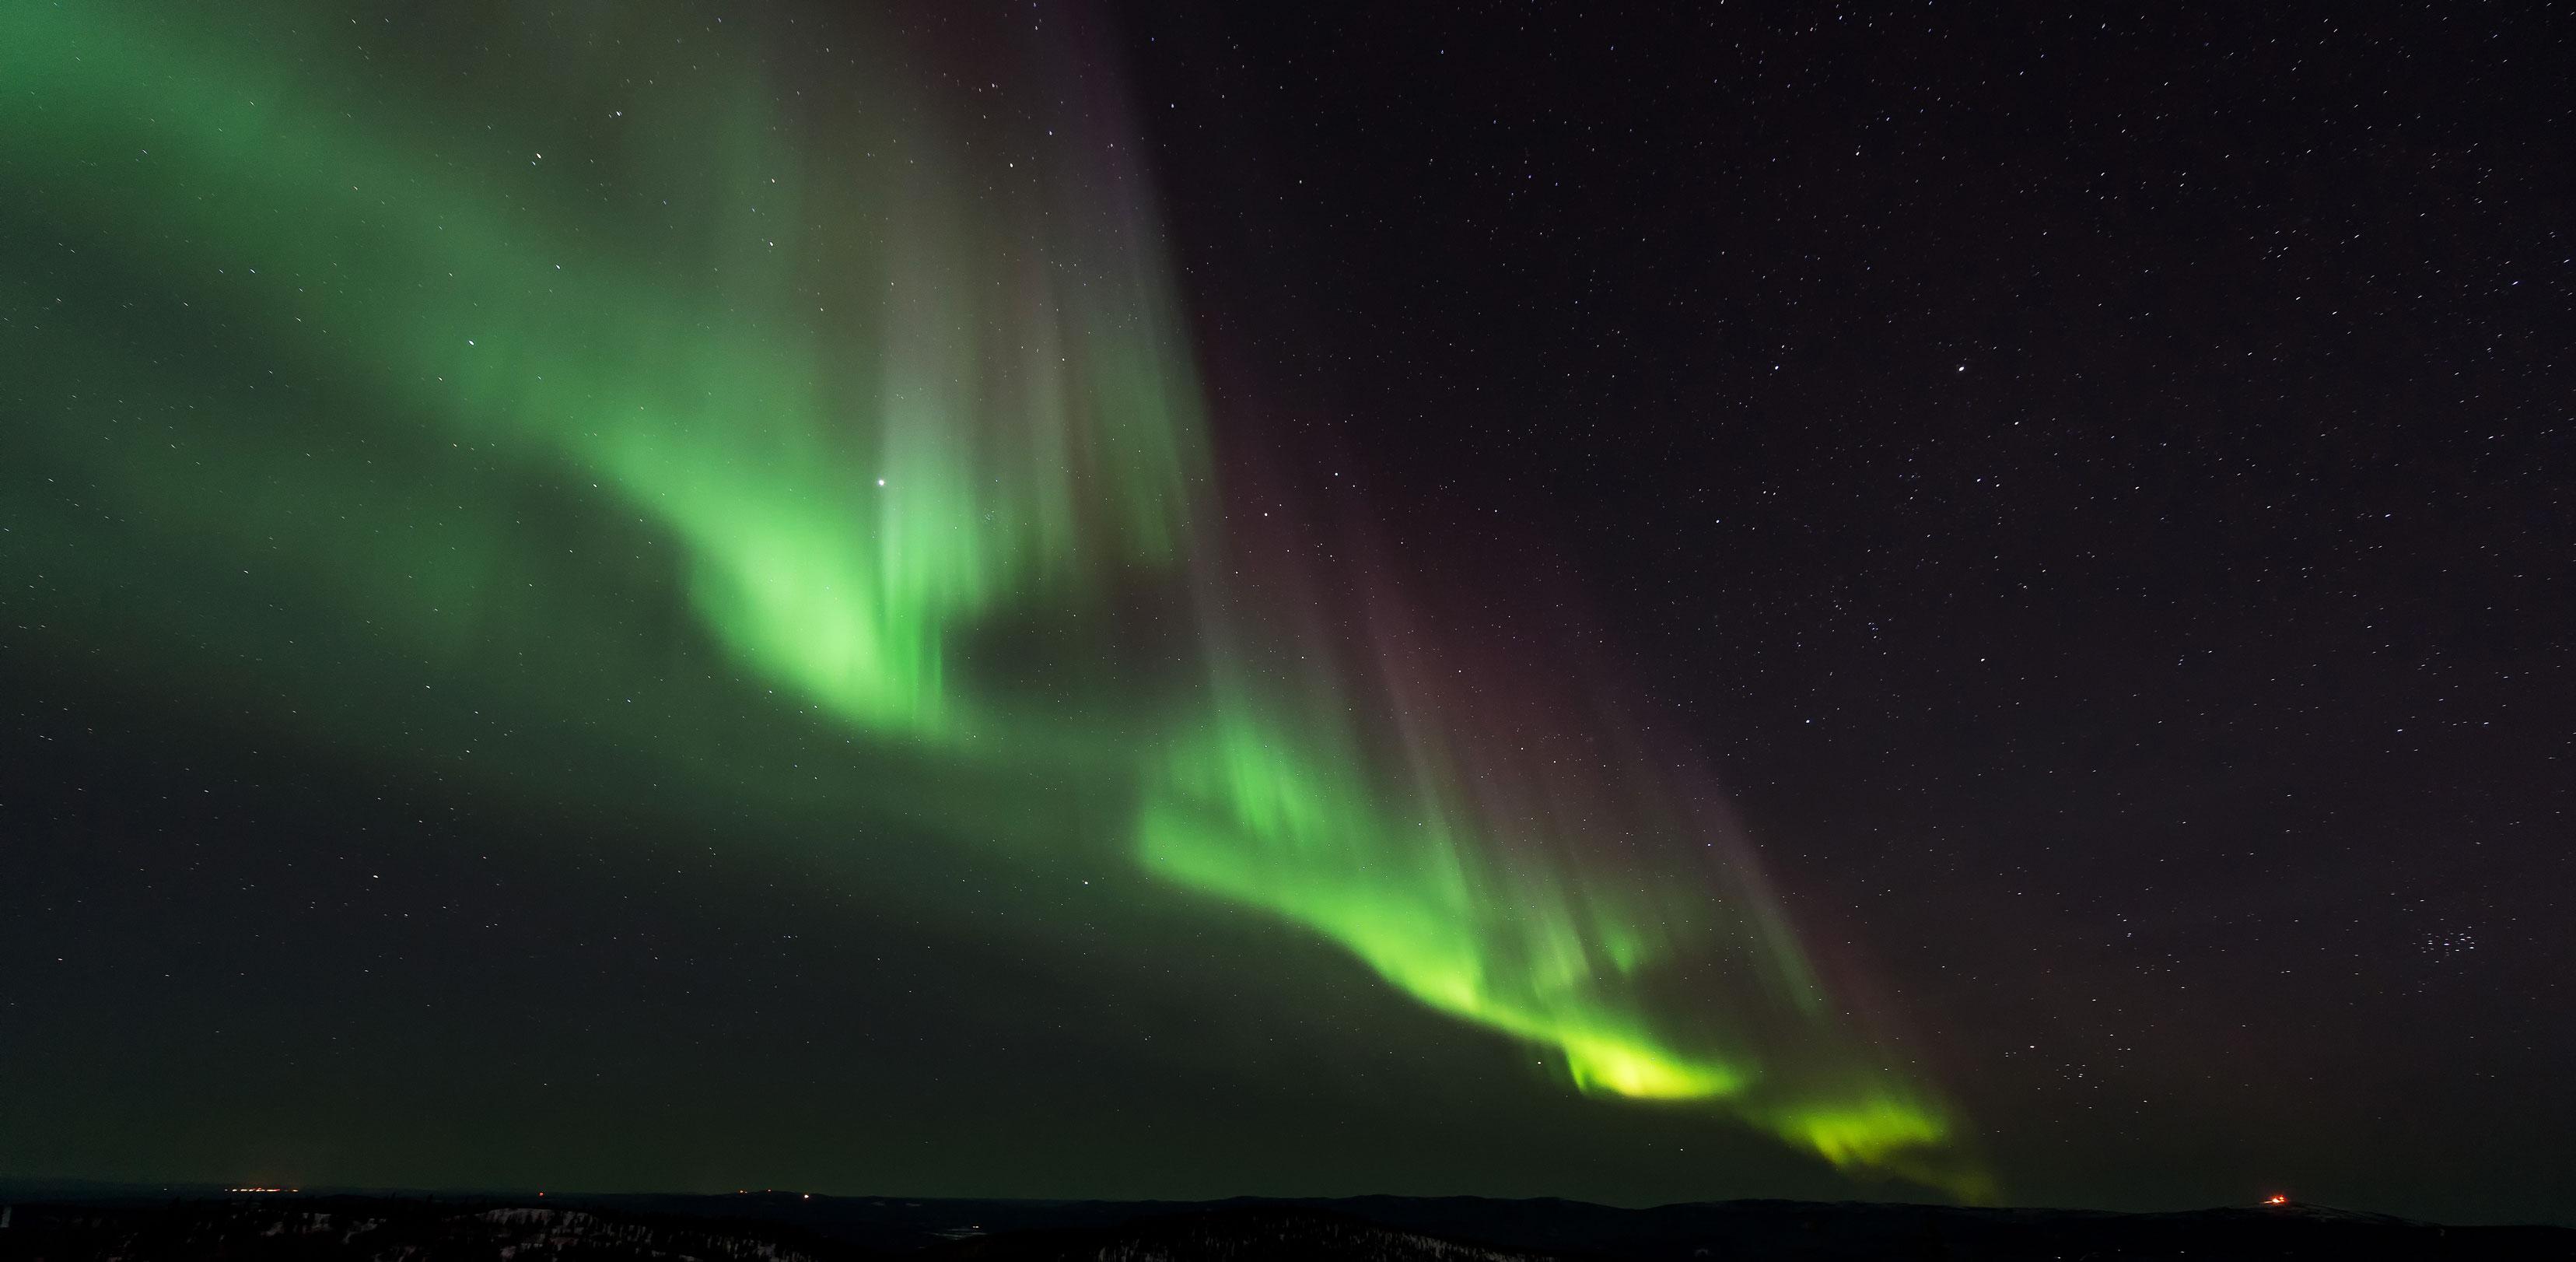 フィンランドのロバニエミではオーロラが見える